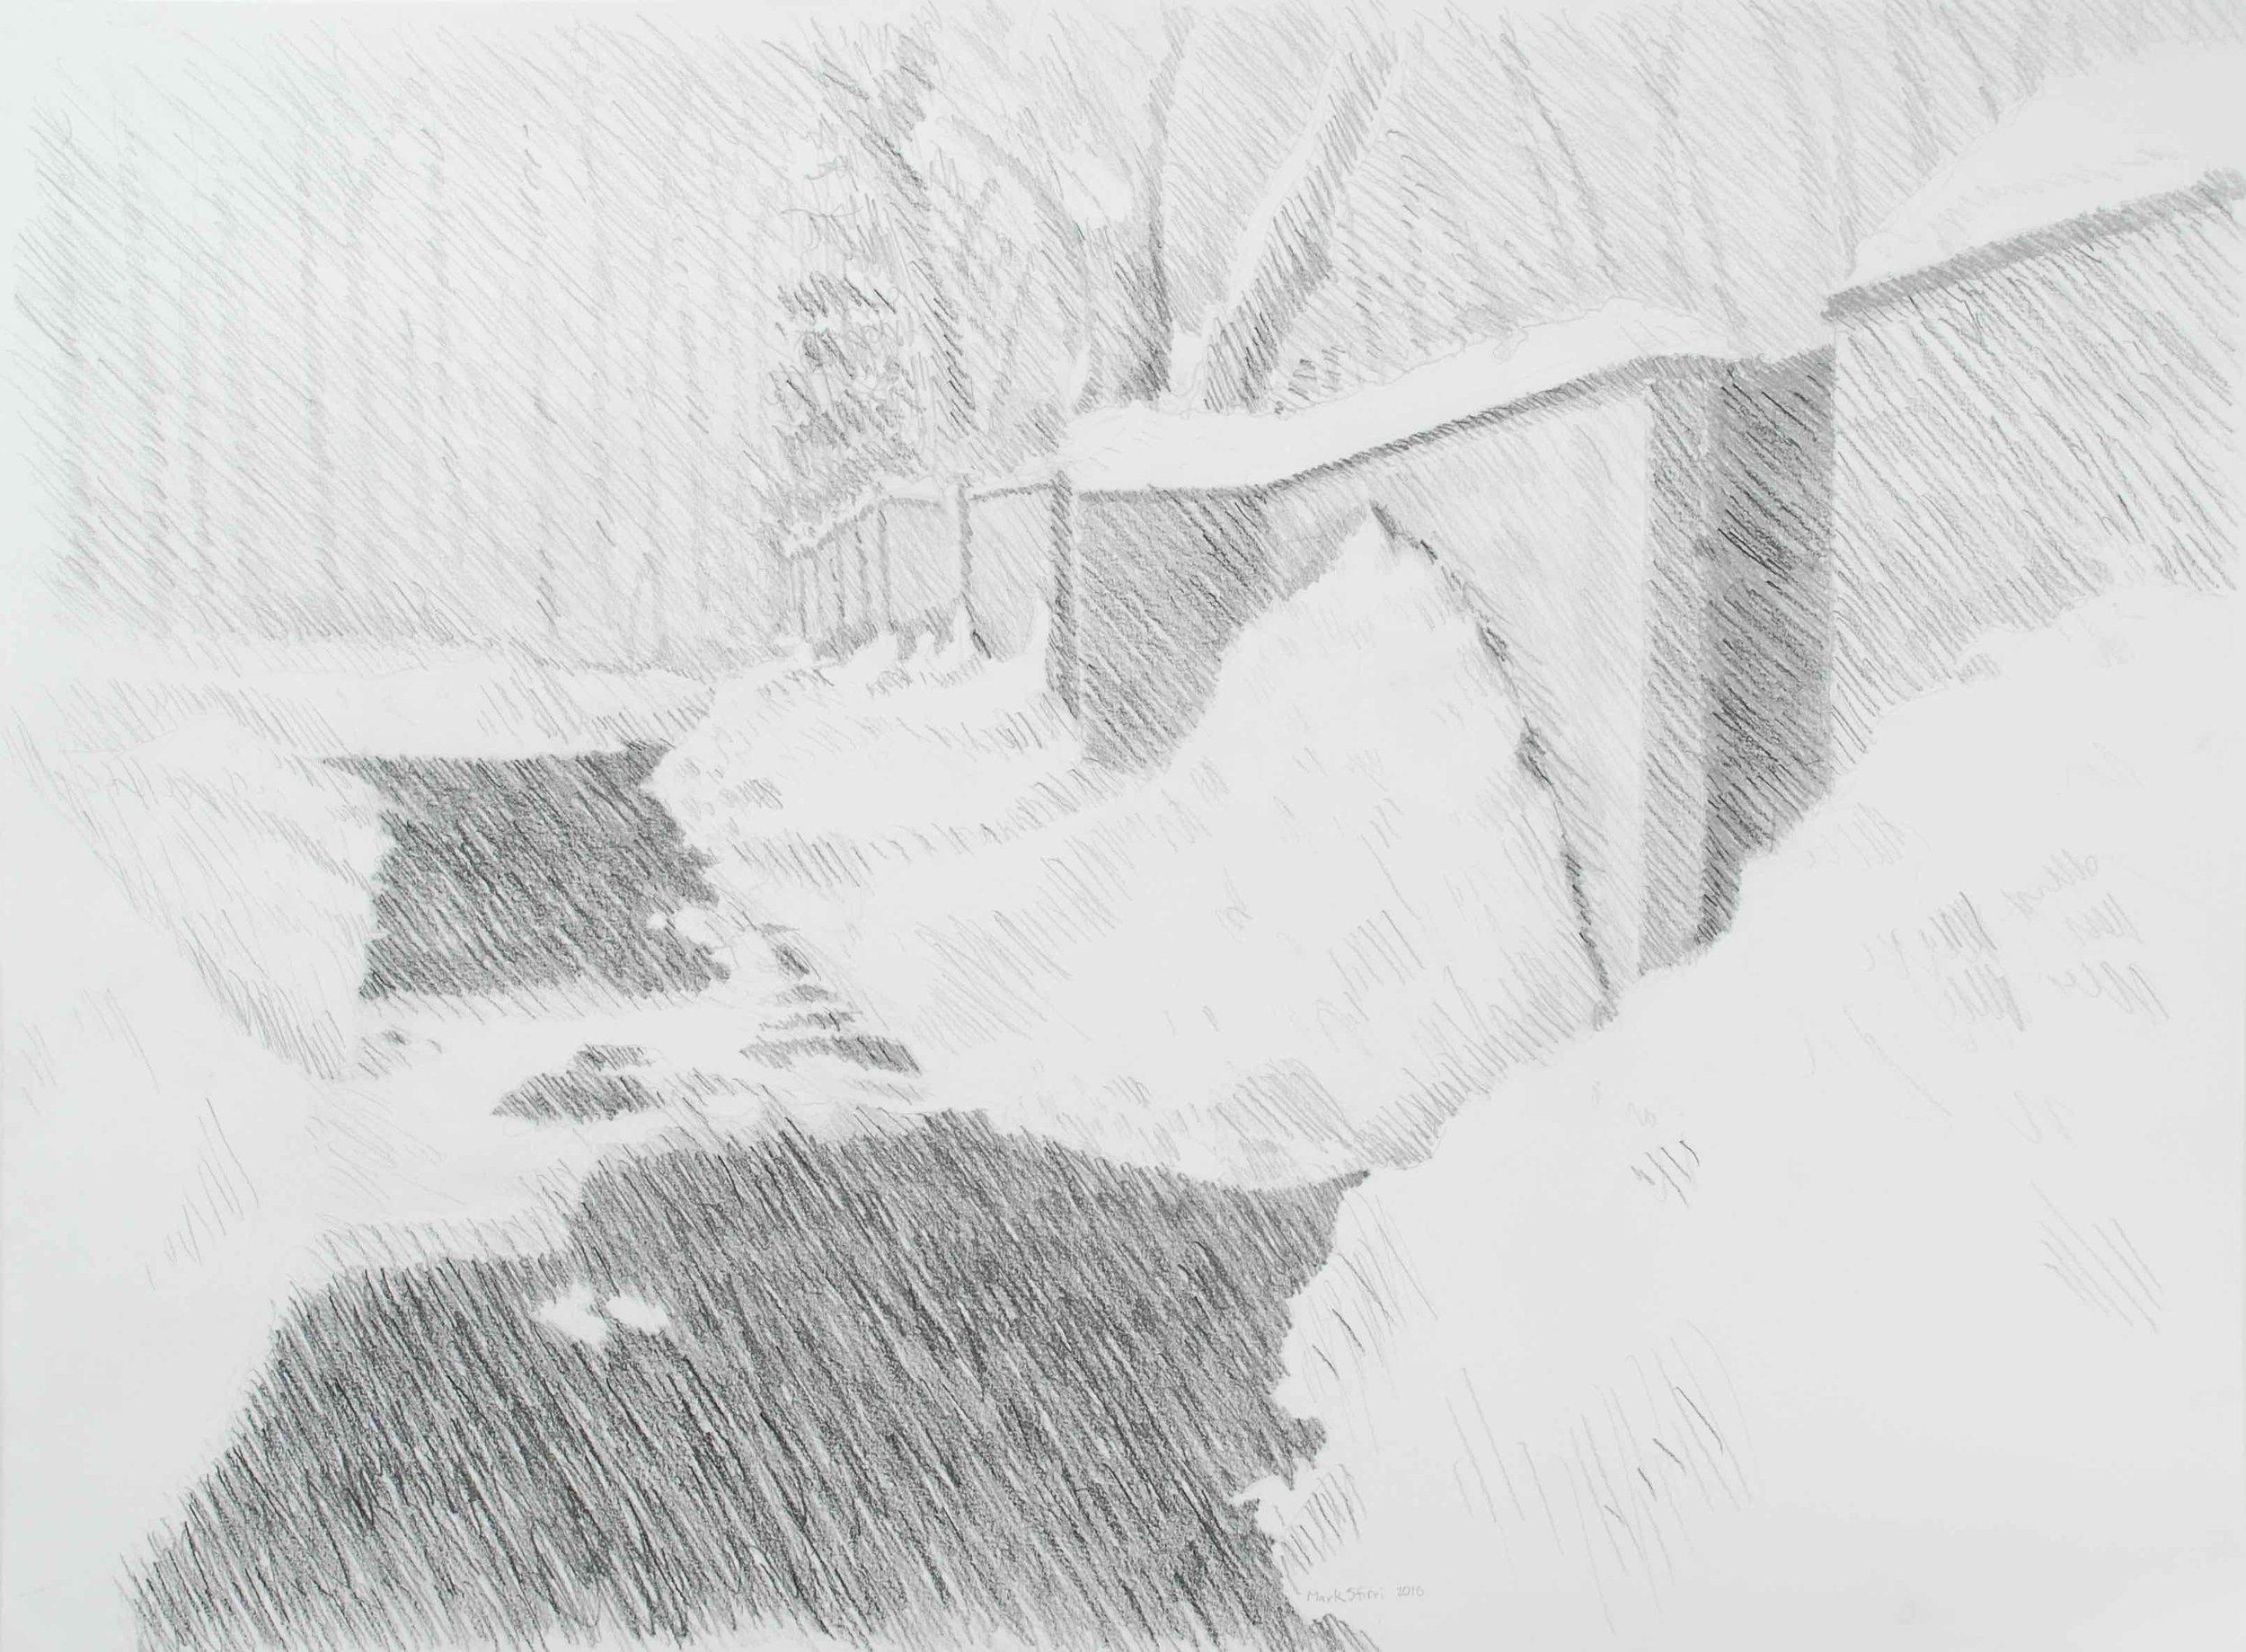 Winter on Pineville